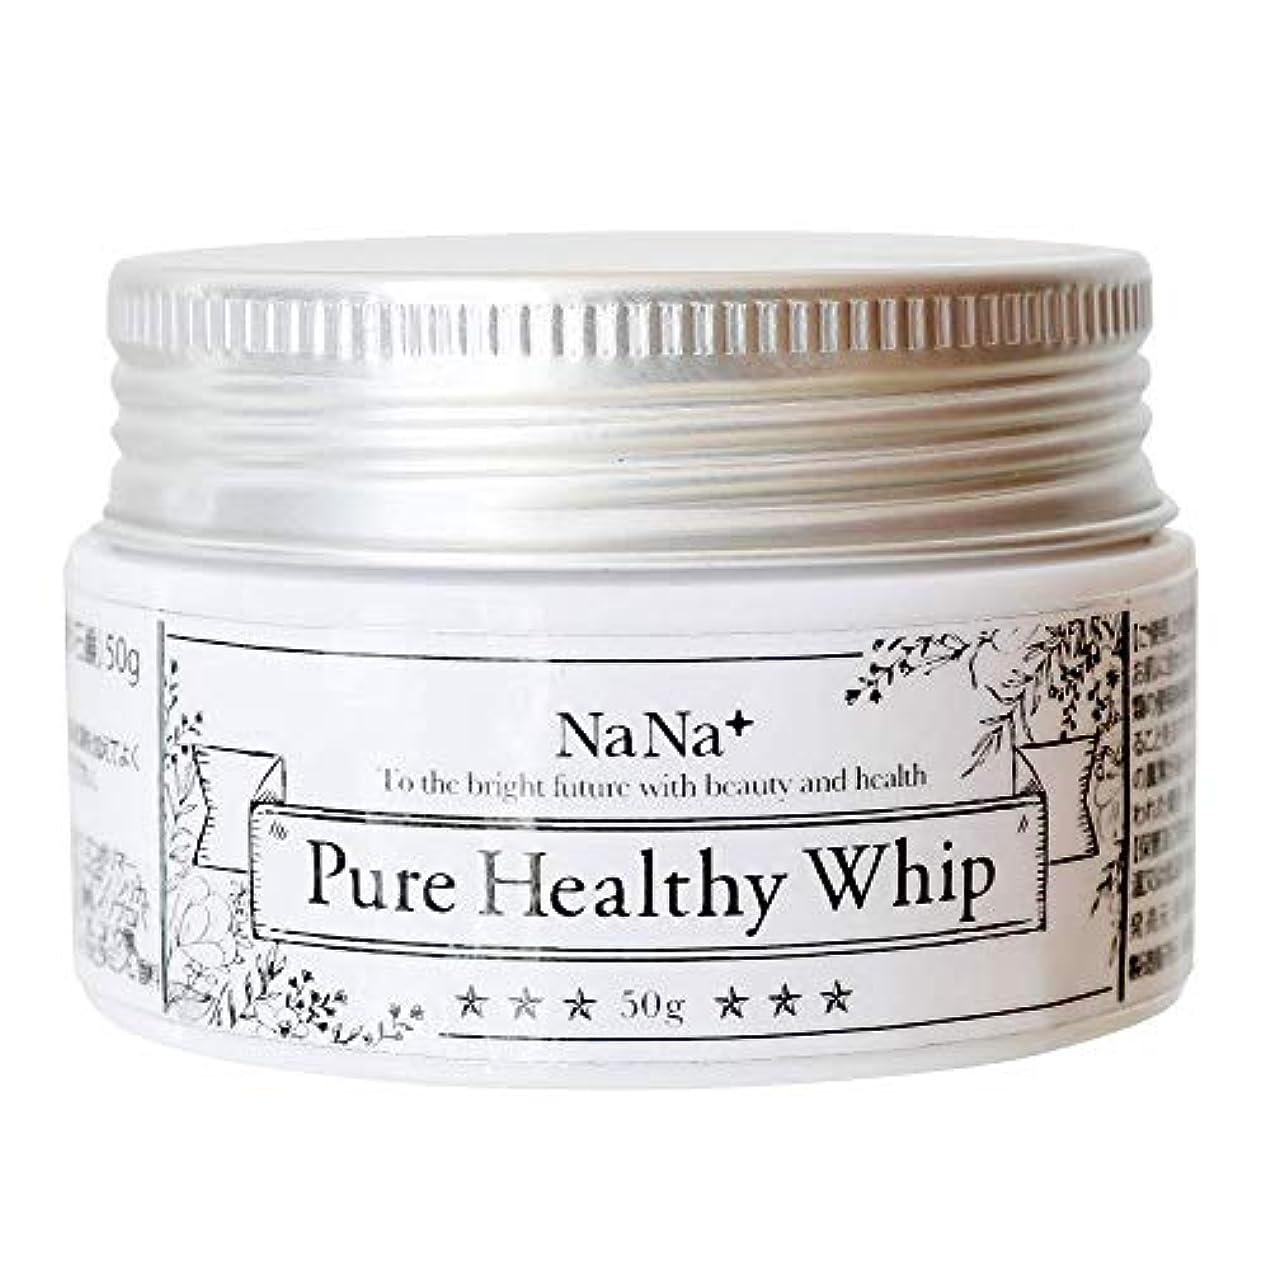 無声で類推コイン洗顔 生せっけん 敏感肌 乾燥肌 の 毛穴 くすみ 黒ずみ ケア 肌に優しい無添加  nana+ピュアヘルシーホイップ